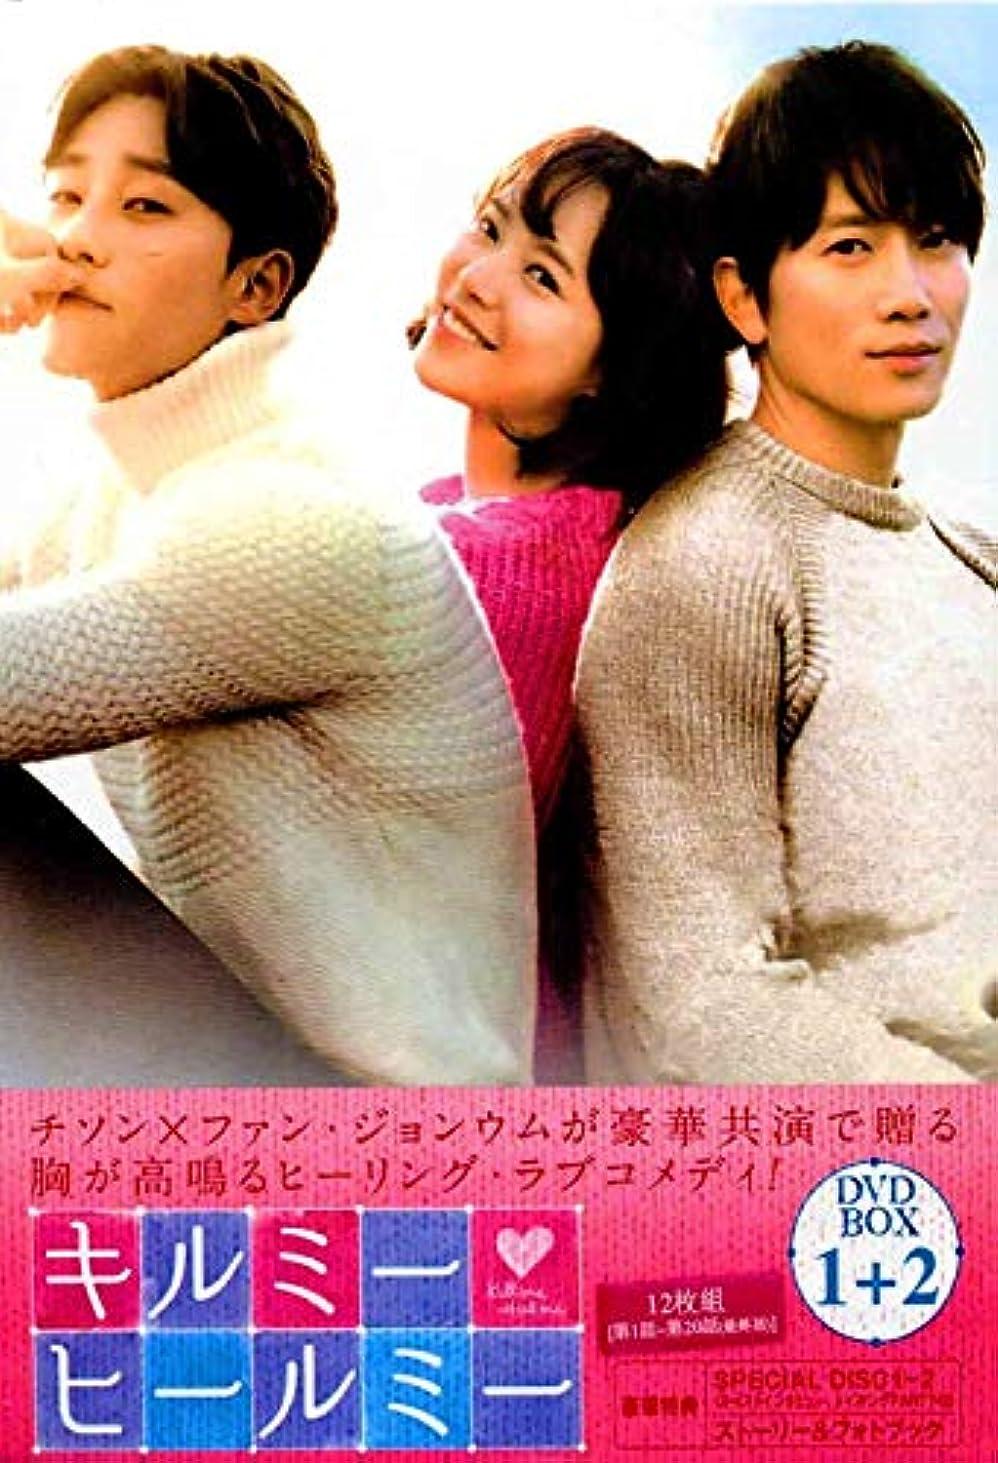 前売欺スープキルミー?ヒールミー DVD-BOX1+2 12枚組 韓国語/日本語字幕